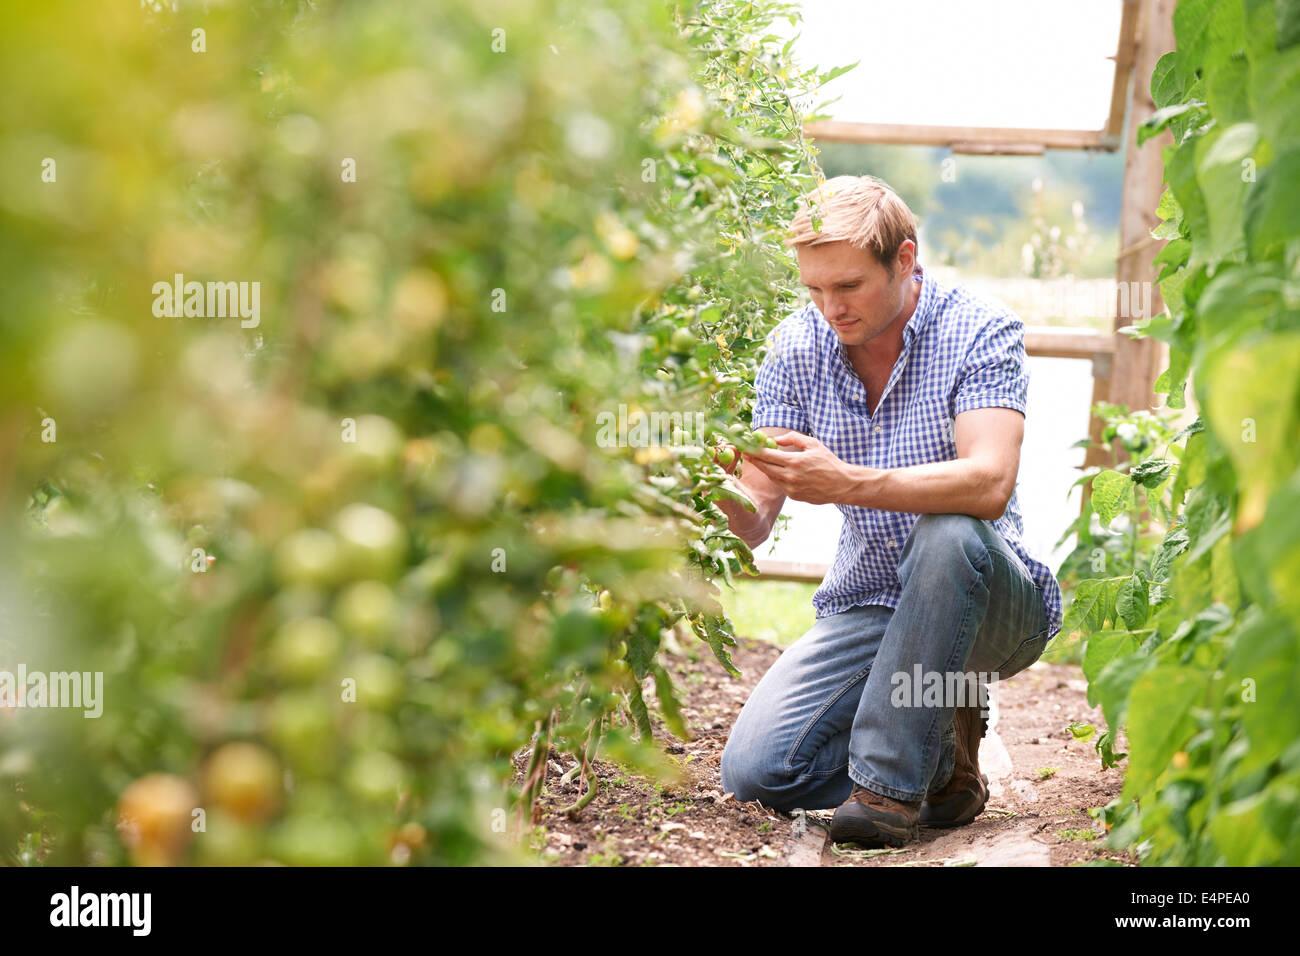 Comprobación de agricultor de plantas de tomate en invernadero Imagen De Stock